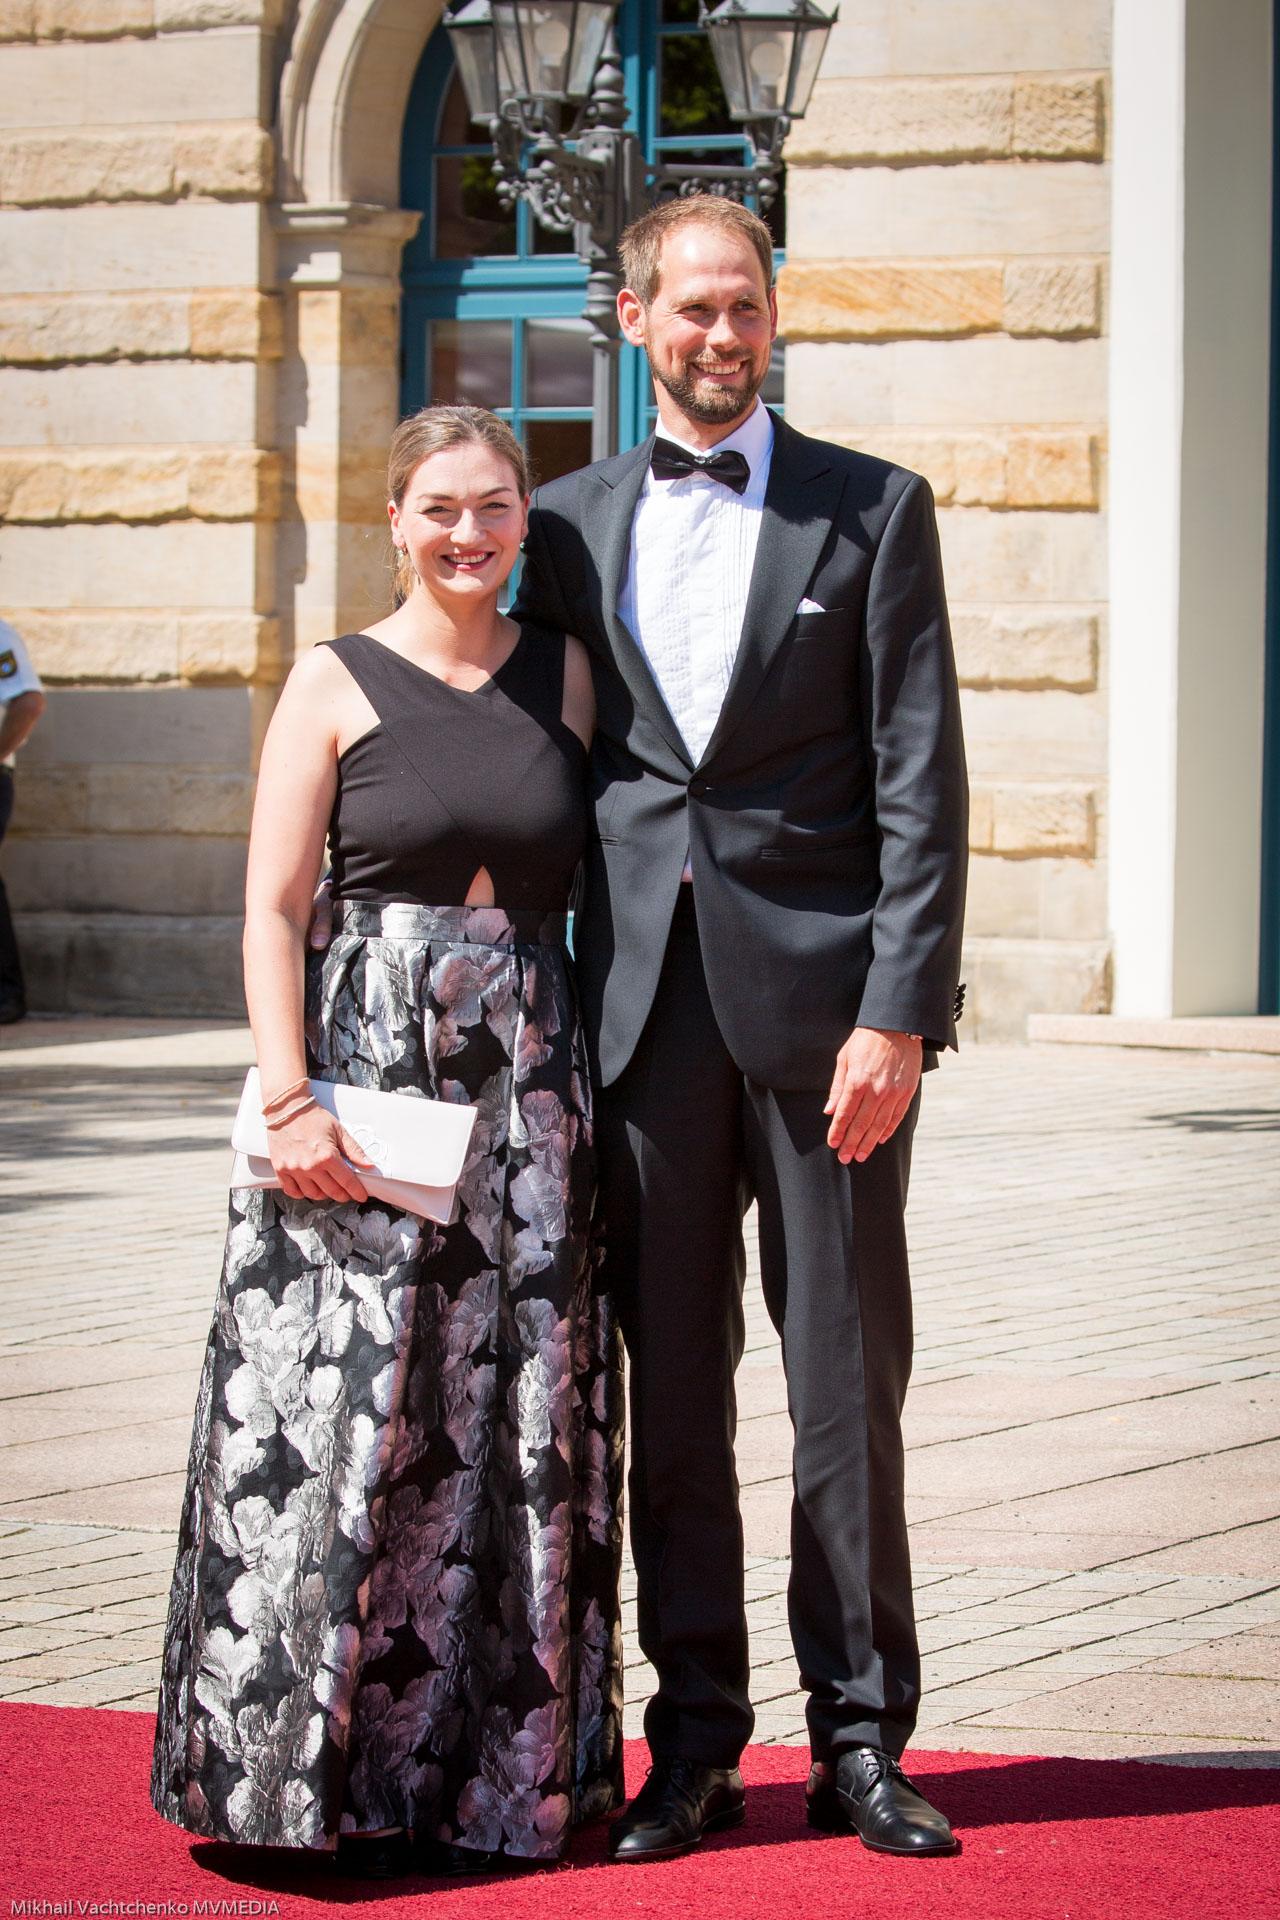 Министр цифровых технологий Баварии Джудит  Герлах с мужем Тобиасом Нитчем